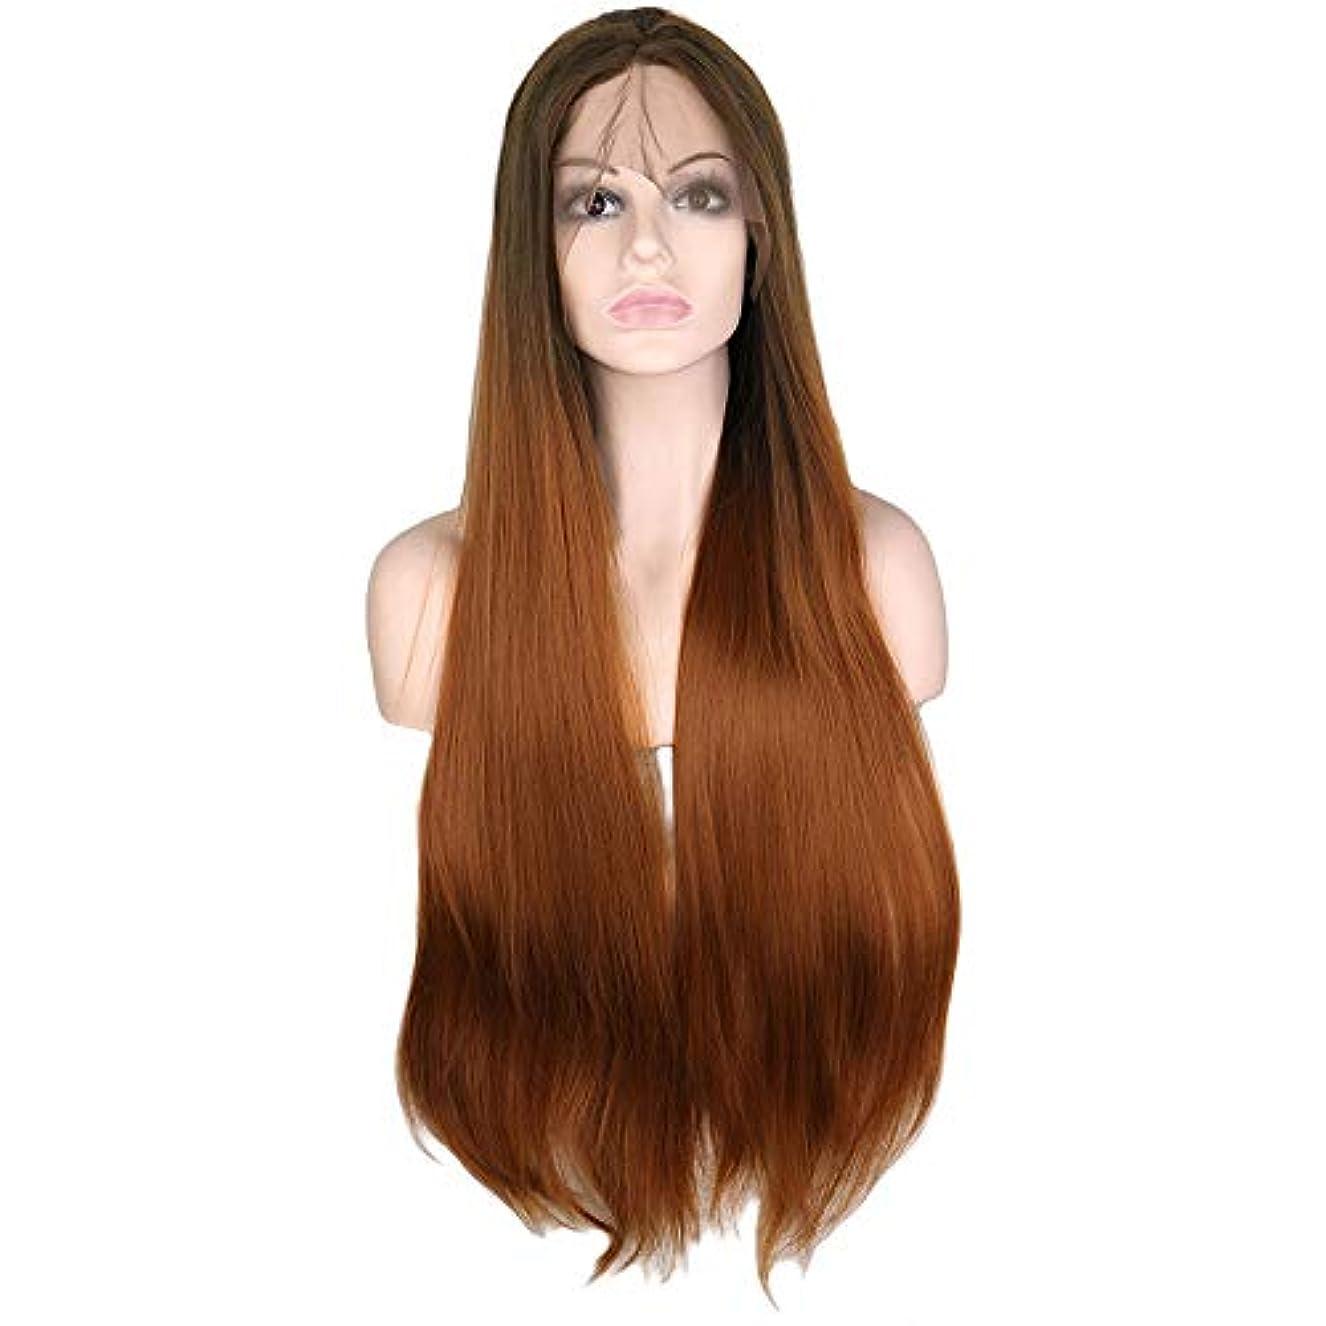 覆す蛾捧げるウィッグ つけ毛 30インチレースフロントウィッグオンブルブラウンロングストレートウィッグミドルパートコスプレコスチュームデイリーパーティーウィッグ本物の髪を持つ女性 (色 : Ombre Brown, サイズ : 30